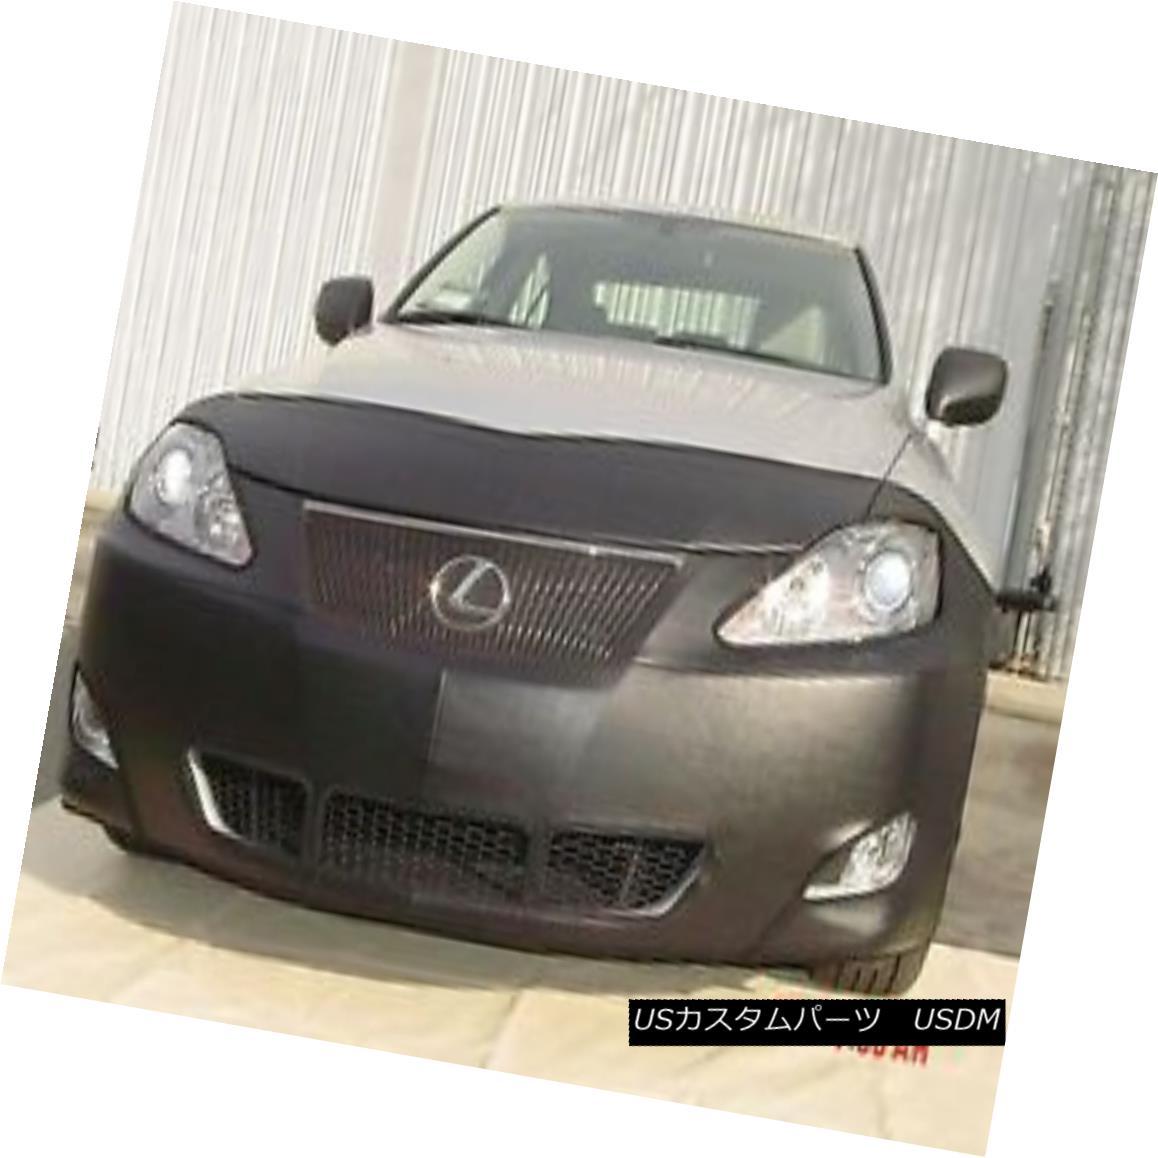 フルブラ ノーズブラ Colgan Front End Mask Bra 2pc. Fits 2006 2007 2008 Lexus IS250 & IS350 W/O TAG コルガンフロントエンドマスクブラ2pc フィット2006年2007年2008年レクサスIS250& IS350 W / O TAG